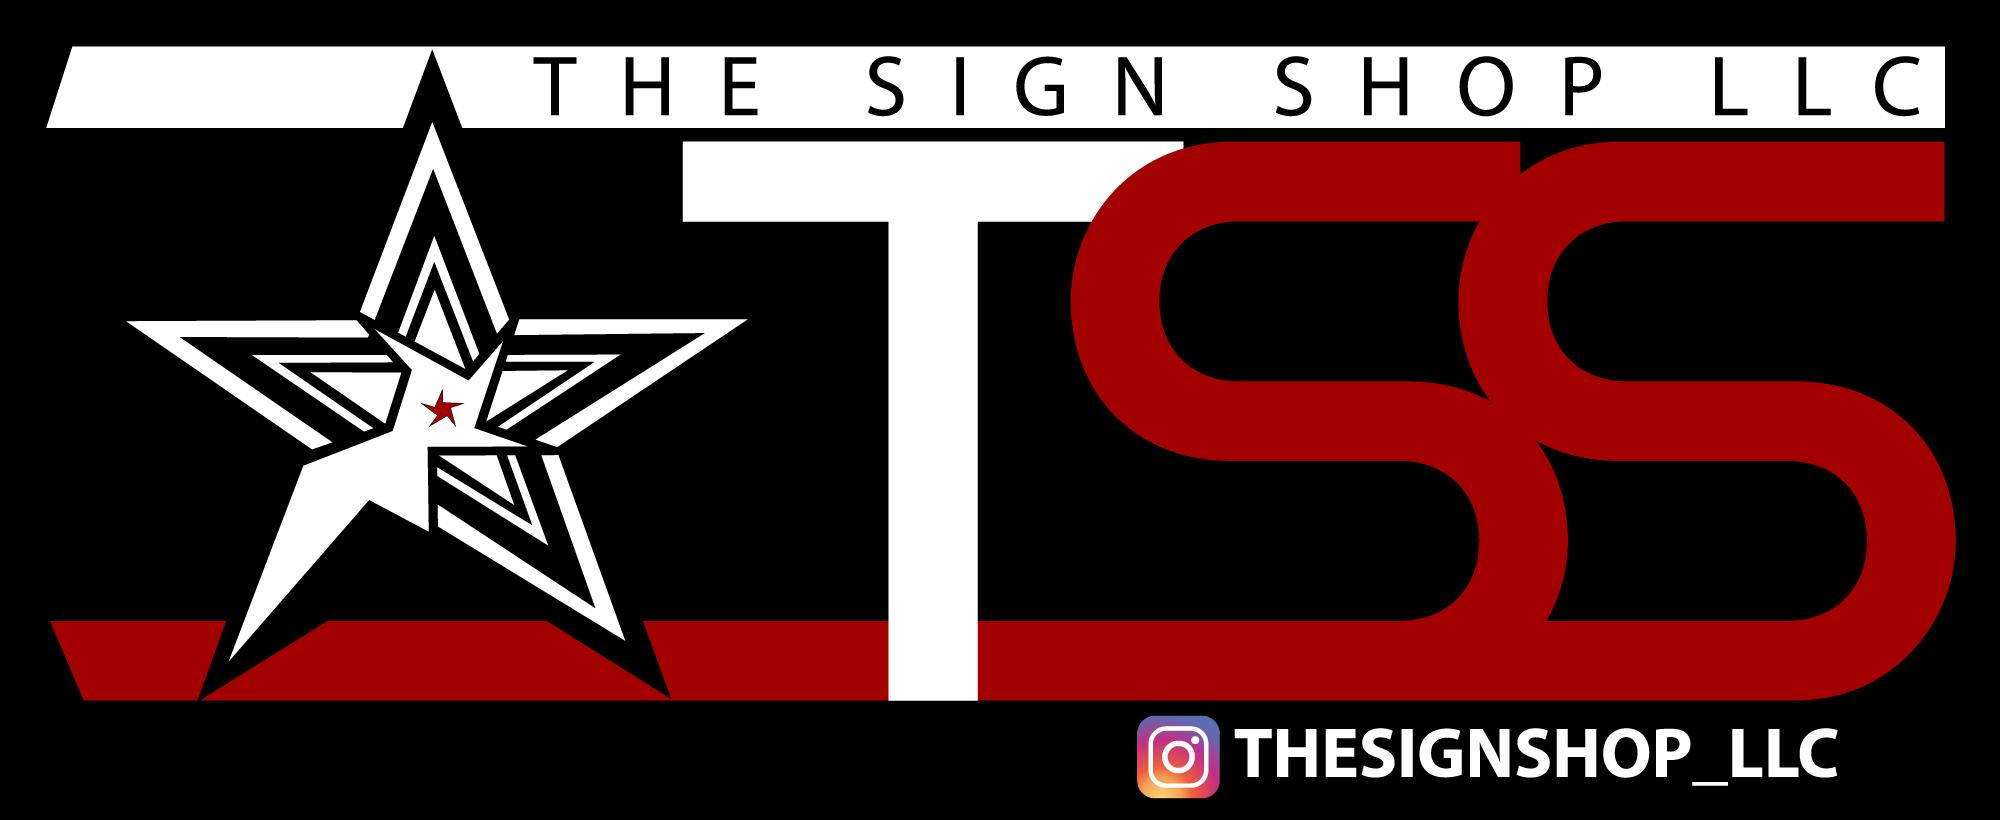 The Sign Shop LLC